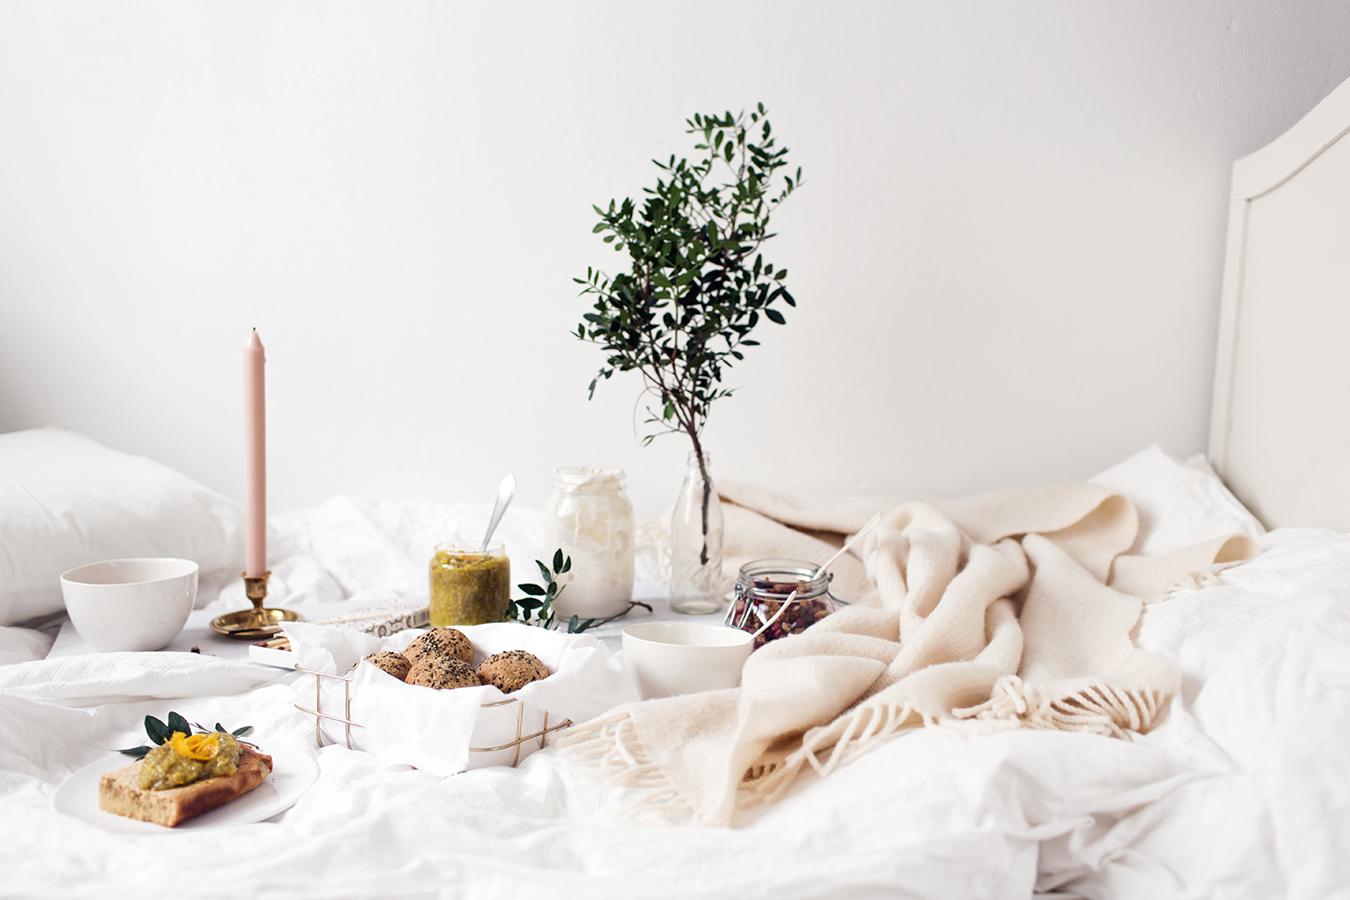 Sunnuntai sängyssä